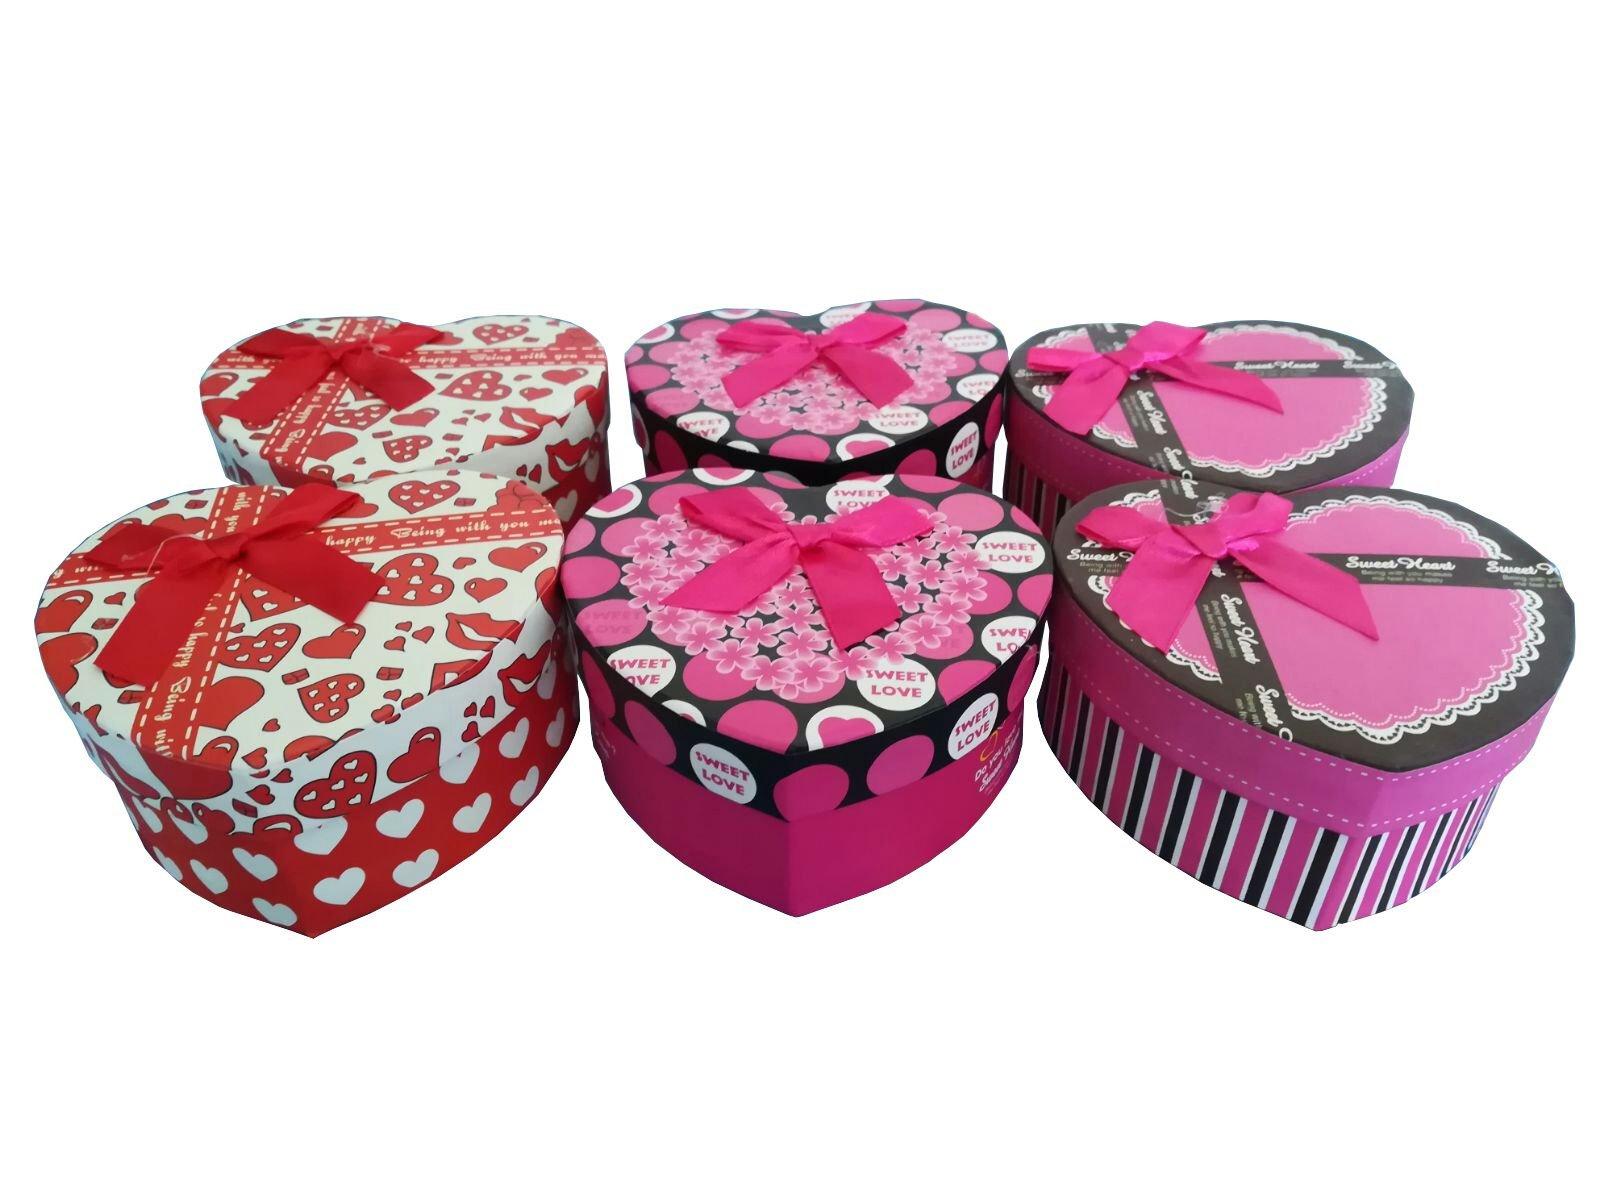 Caja regalo corazon PACK 6 . Cajitas ideales para regalos boda comunion mujer joyas hombre .Ideales para envolver regalos: Amazon.es: Hogar